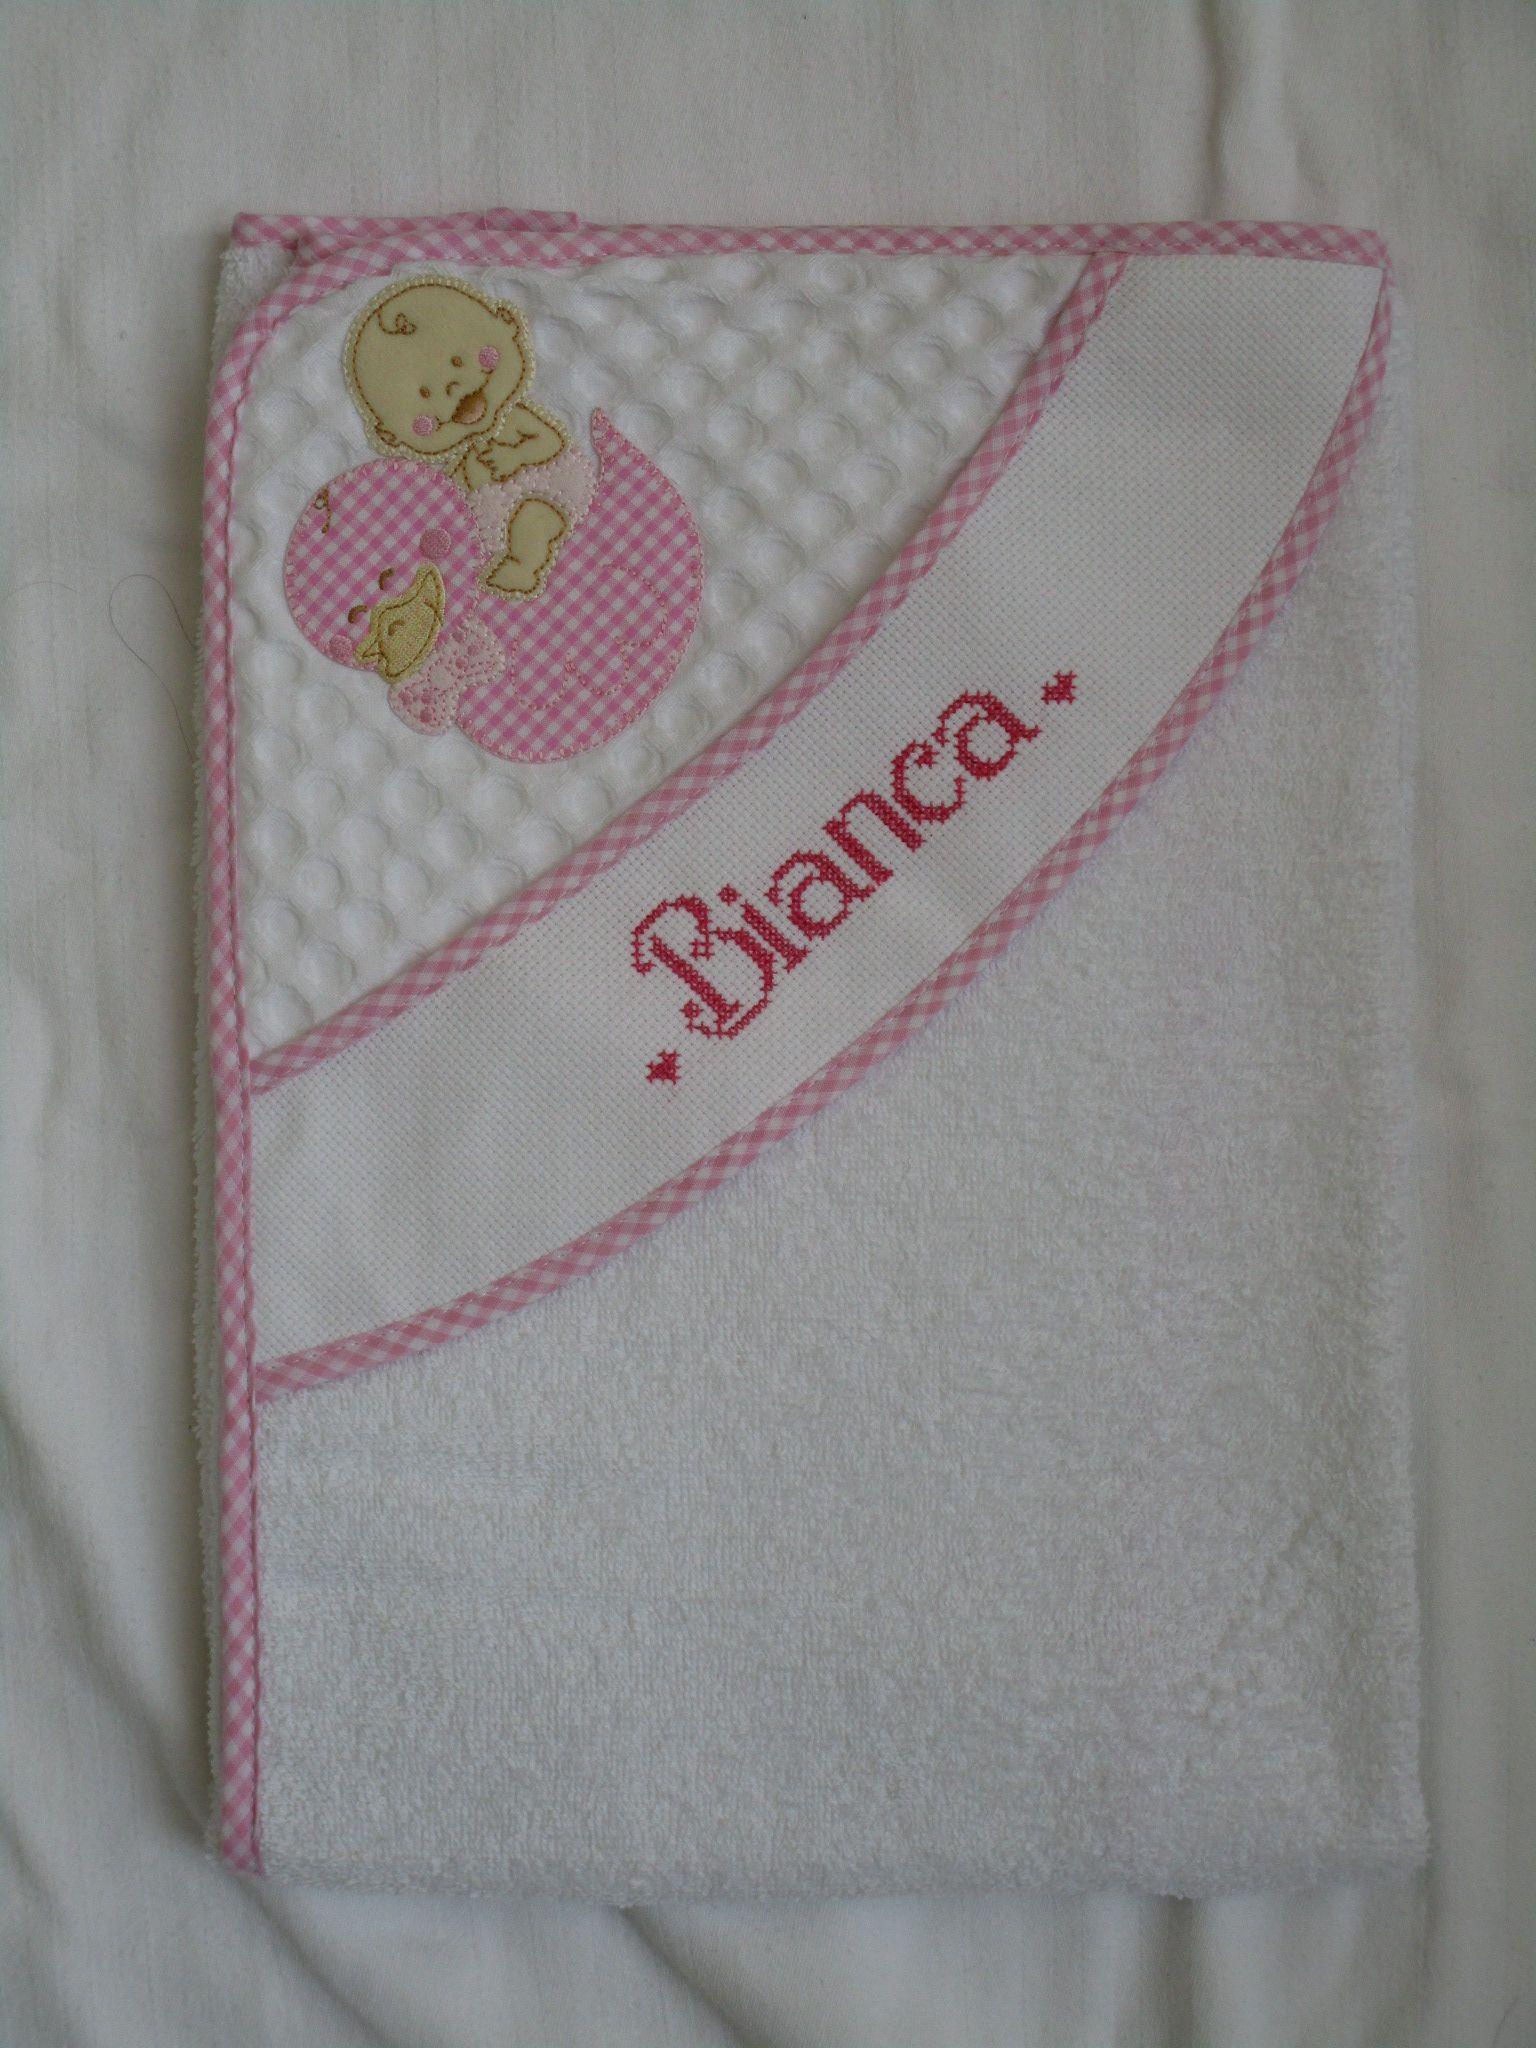 ee845098b6 Accappatoio personalizzato per Bianca; | toallas y batas | Quadro ...